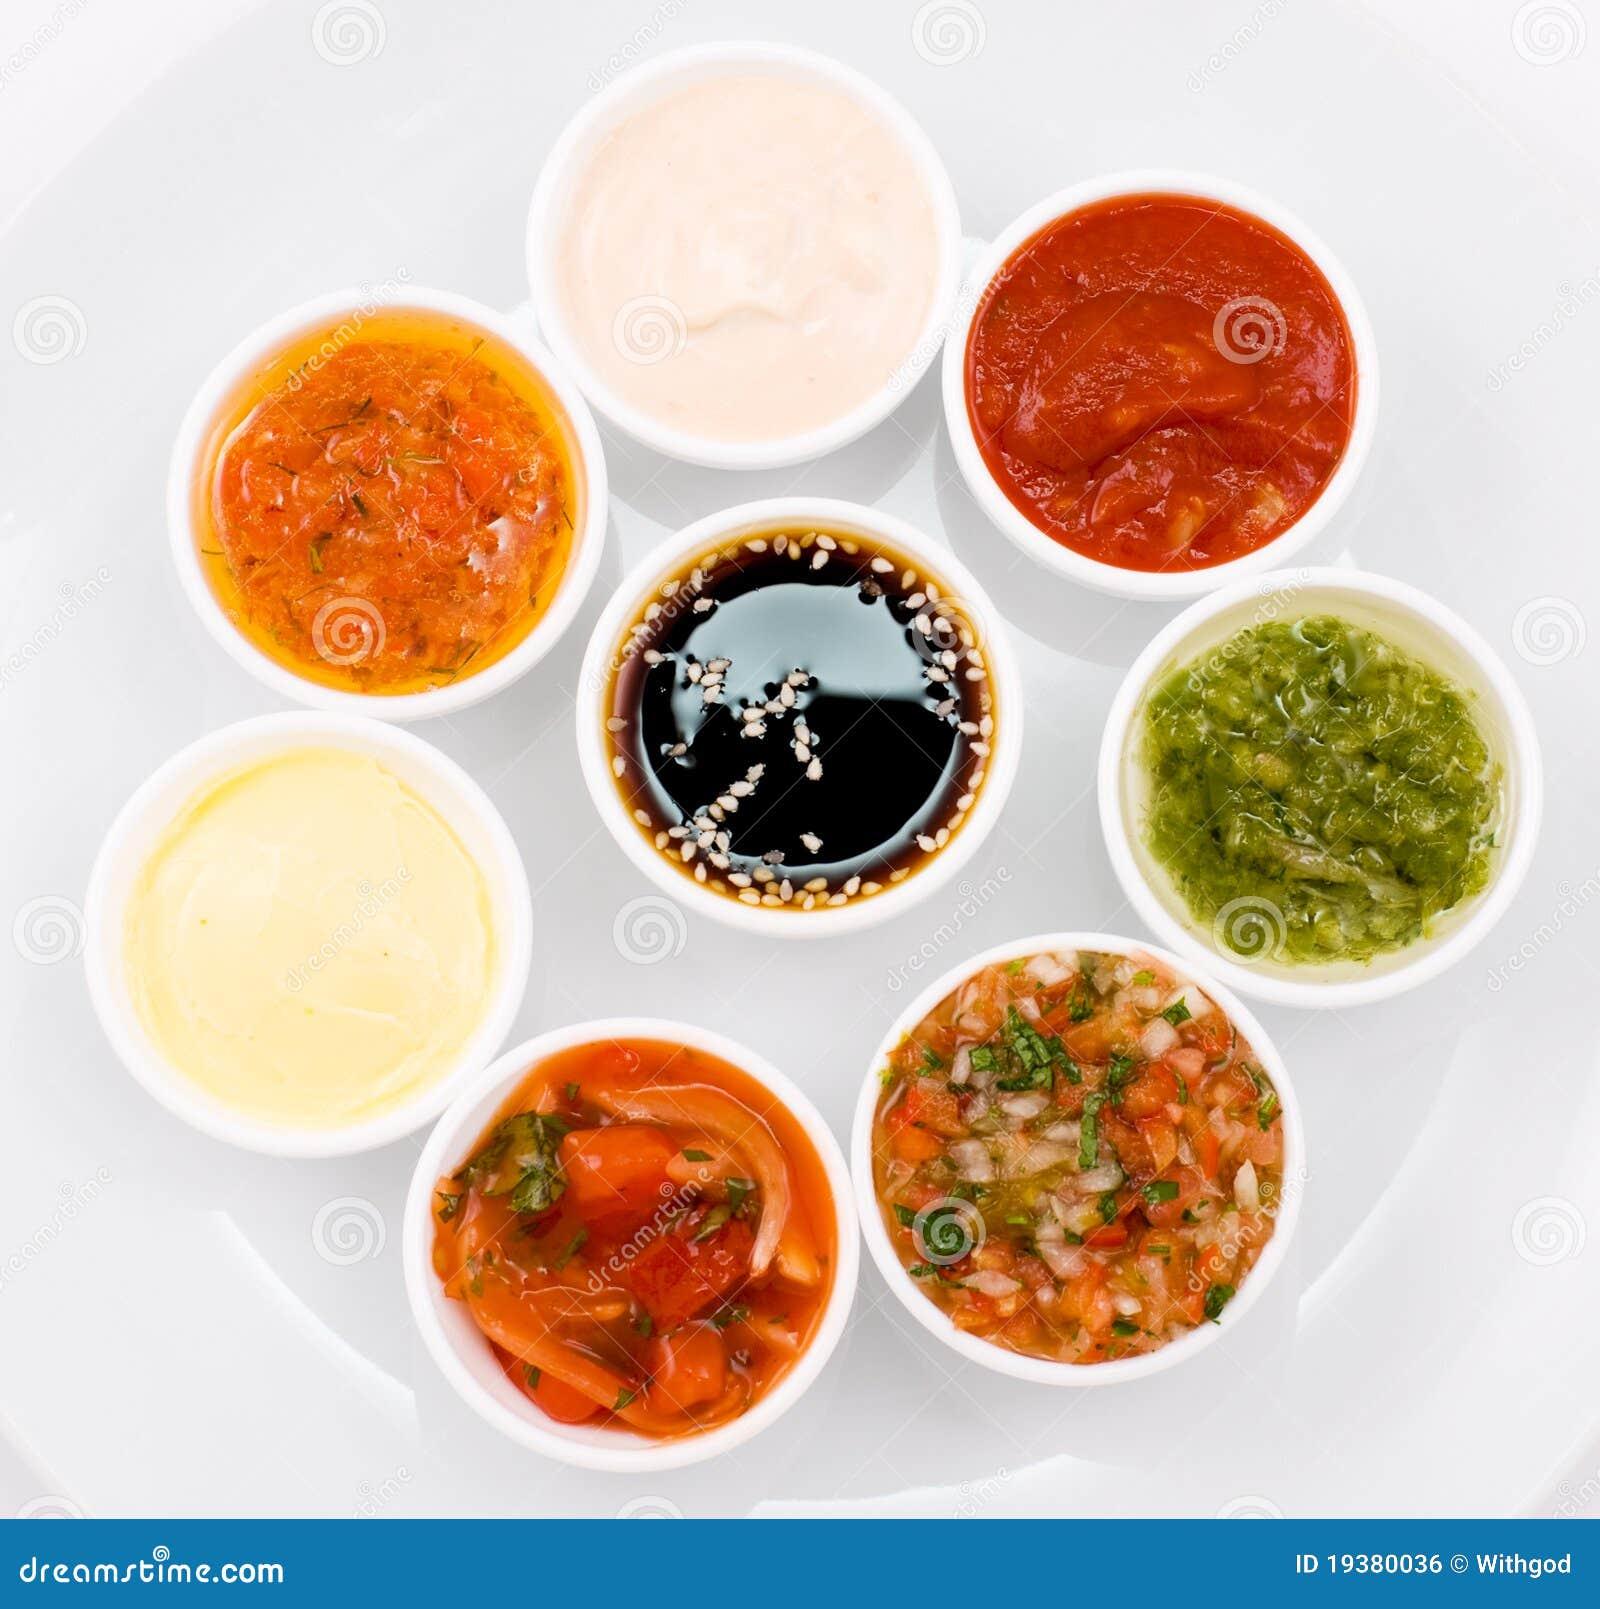 Sauces palette